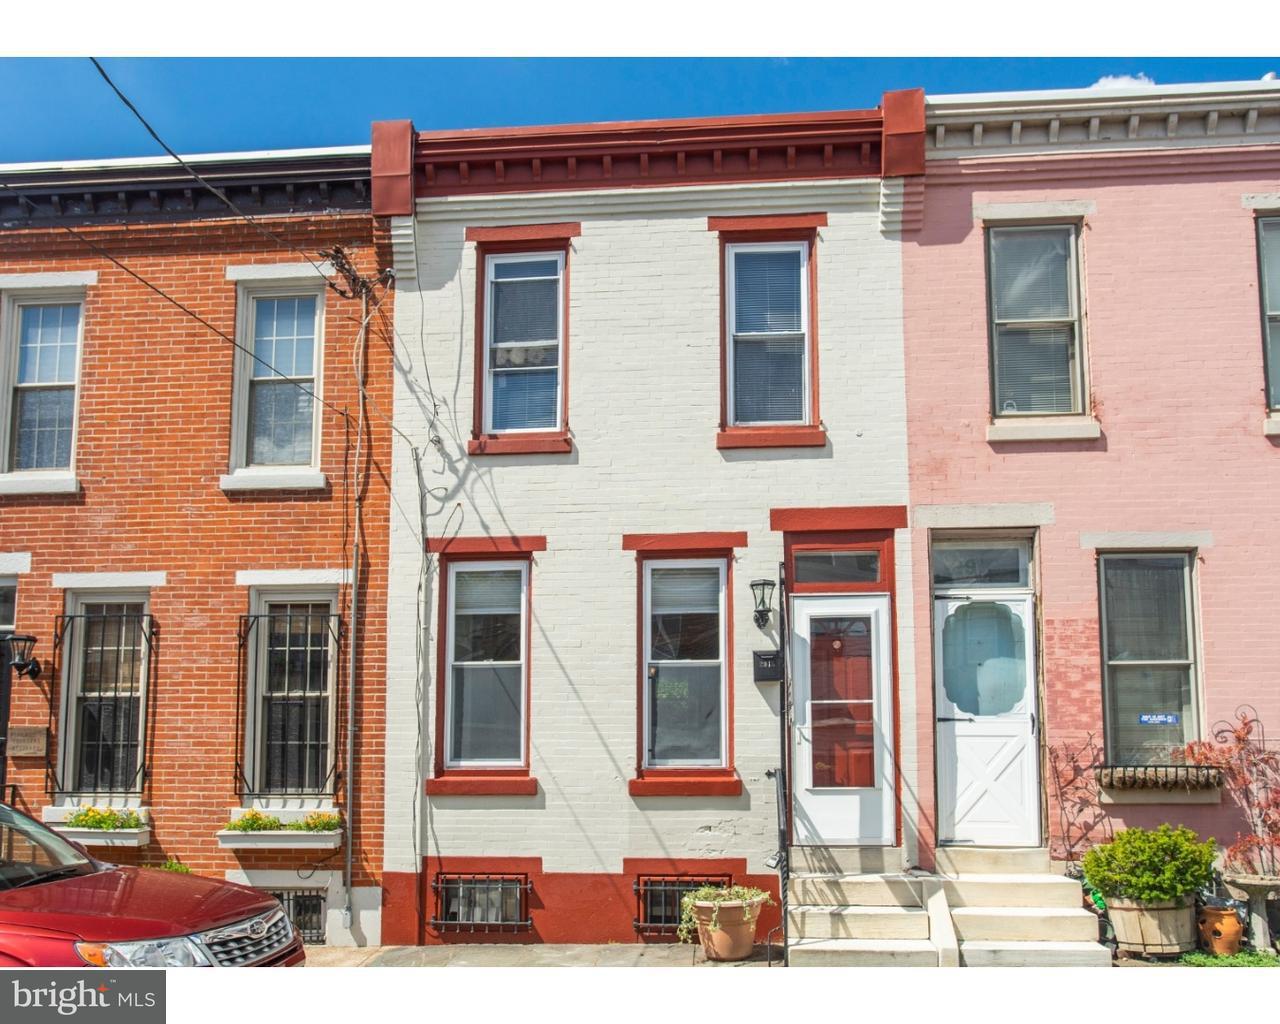 2915 W Harper Street Philadelphia, PA 19130